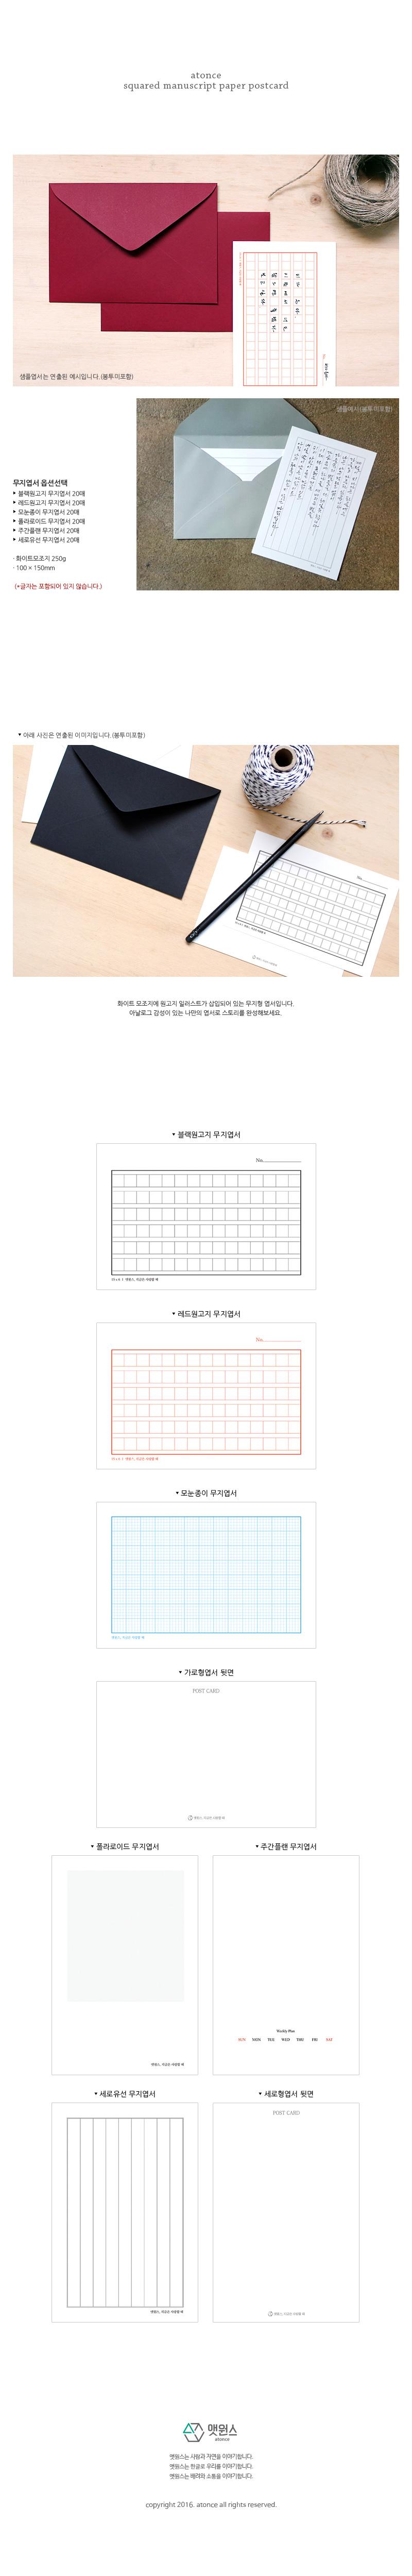 앳원스-레드원고지 무지엽서_20매 - 앳원스, 2,000원, 엽서, 엽서세트